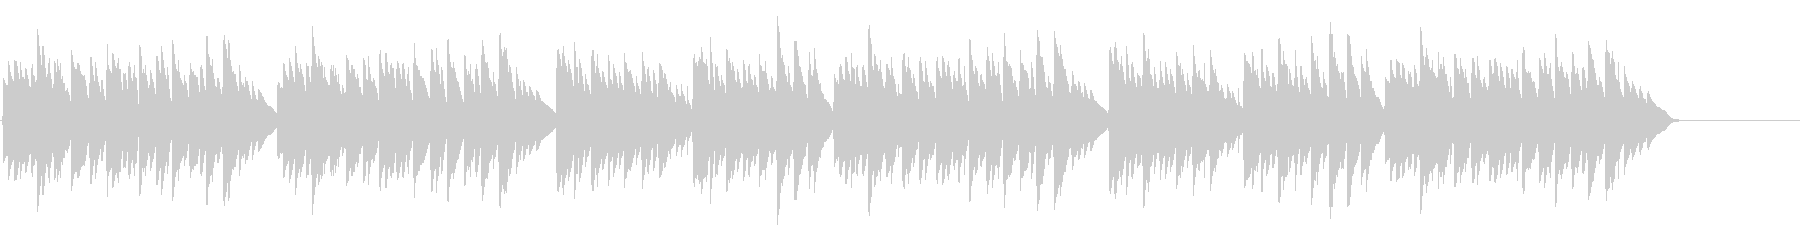 キラキラ星変奏曲(Var Ⅲ)オルゴールの未再生の波形